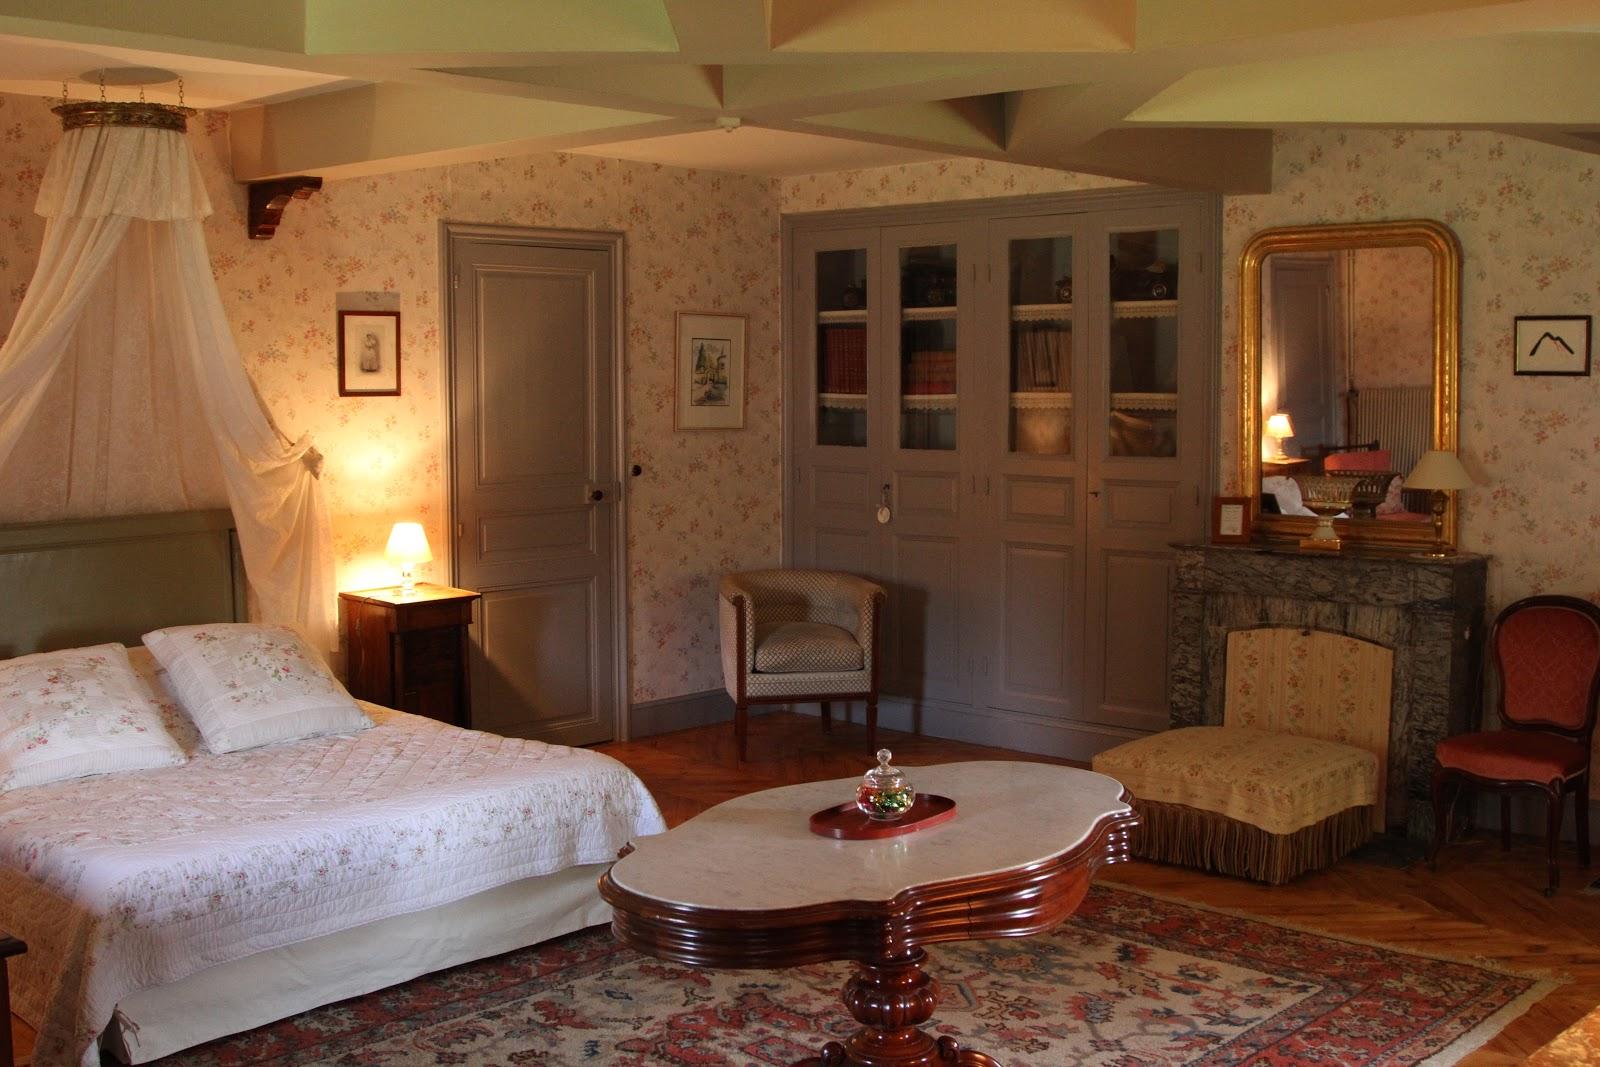 ch teau de vaulx en auvergne fin des travaux dans la chambre ath na s. Black Bedroom Furniture Sets. Home Design Ideas